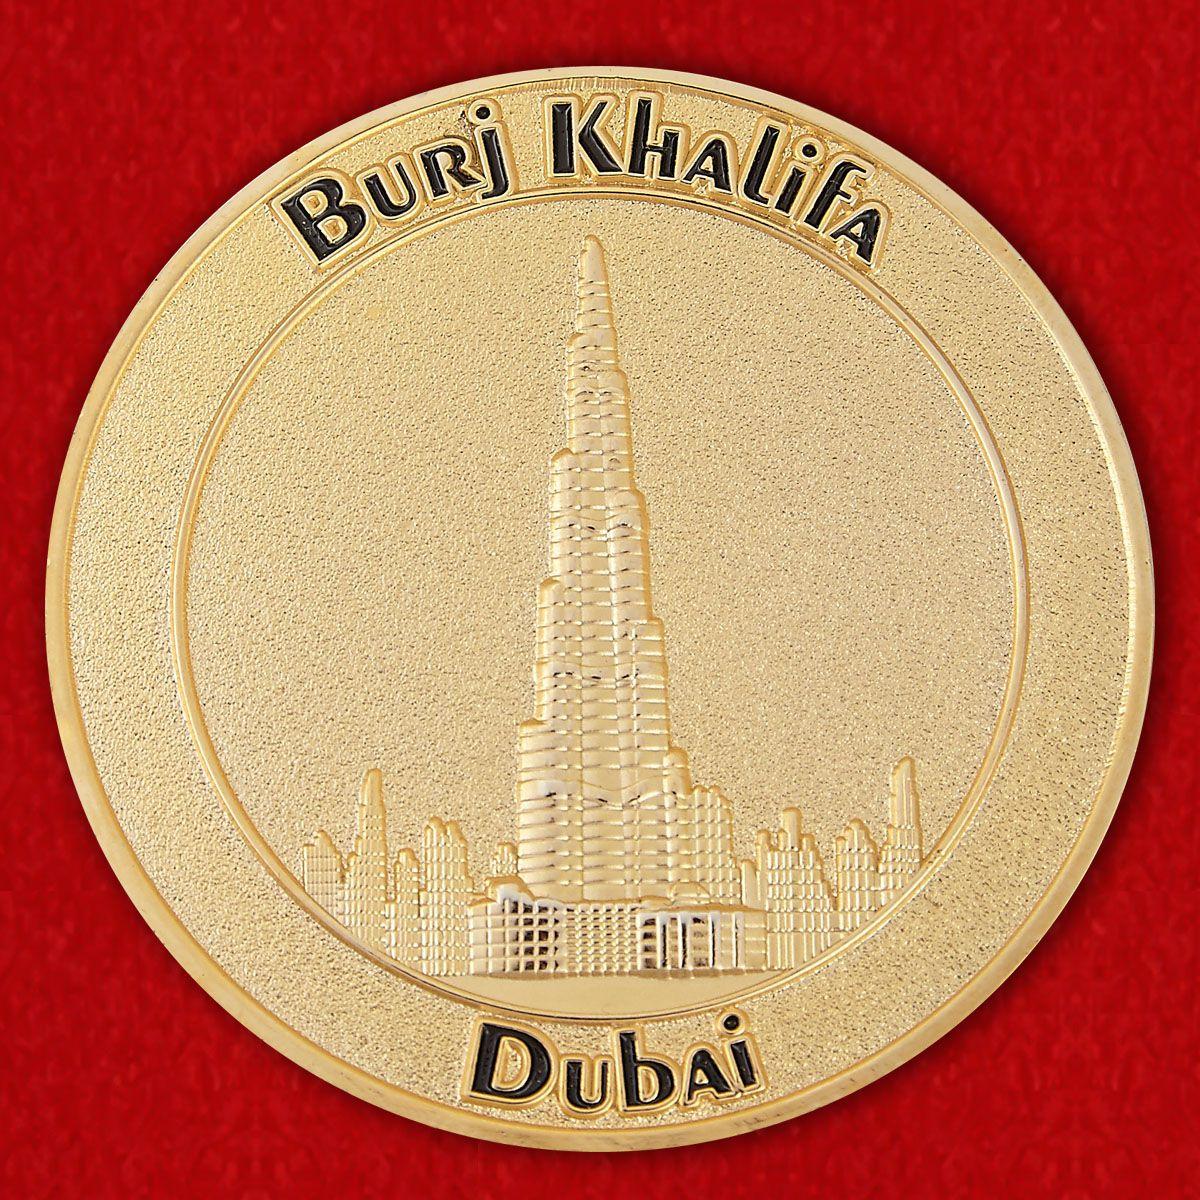 Burj Khalifa (Dubai, United Arab Emirates) Challenge Coin